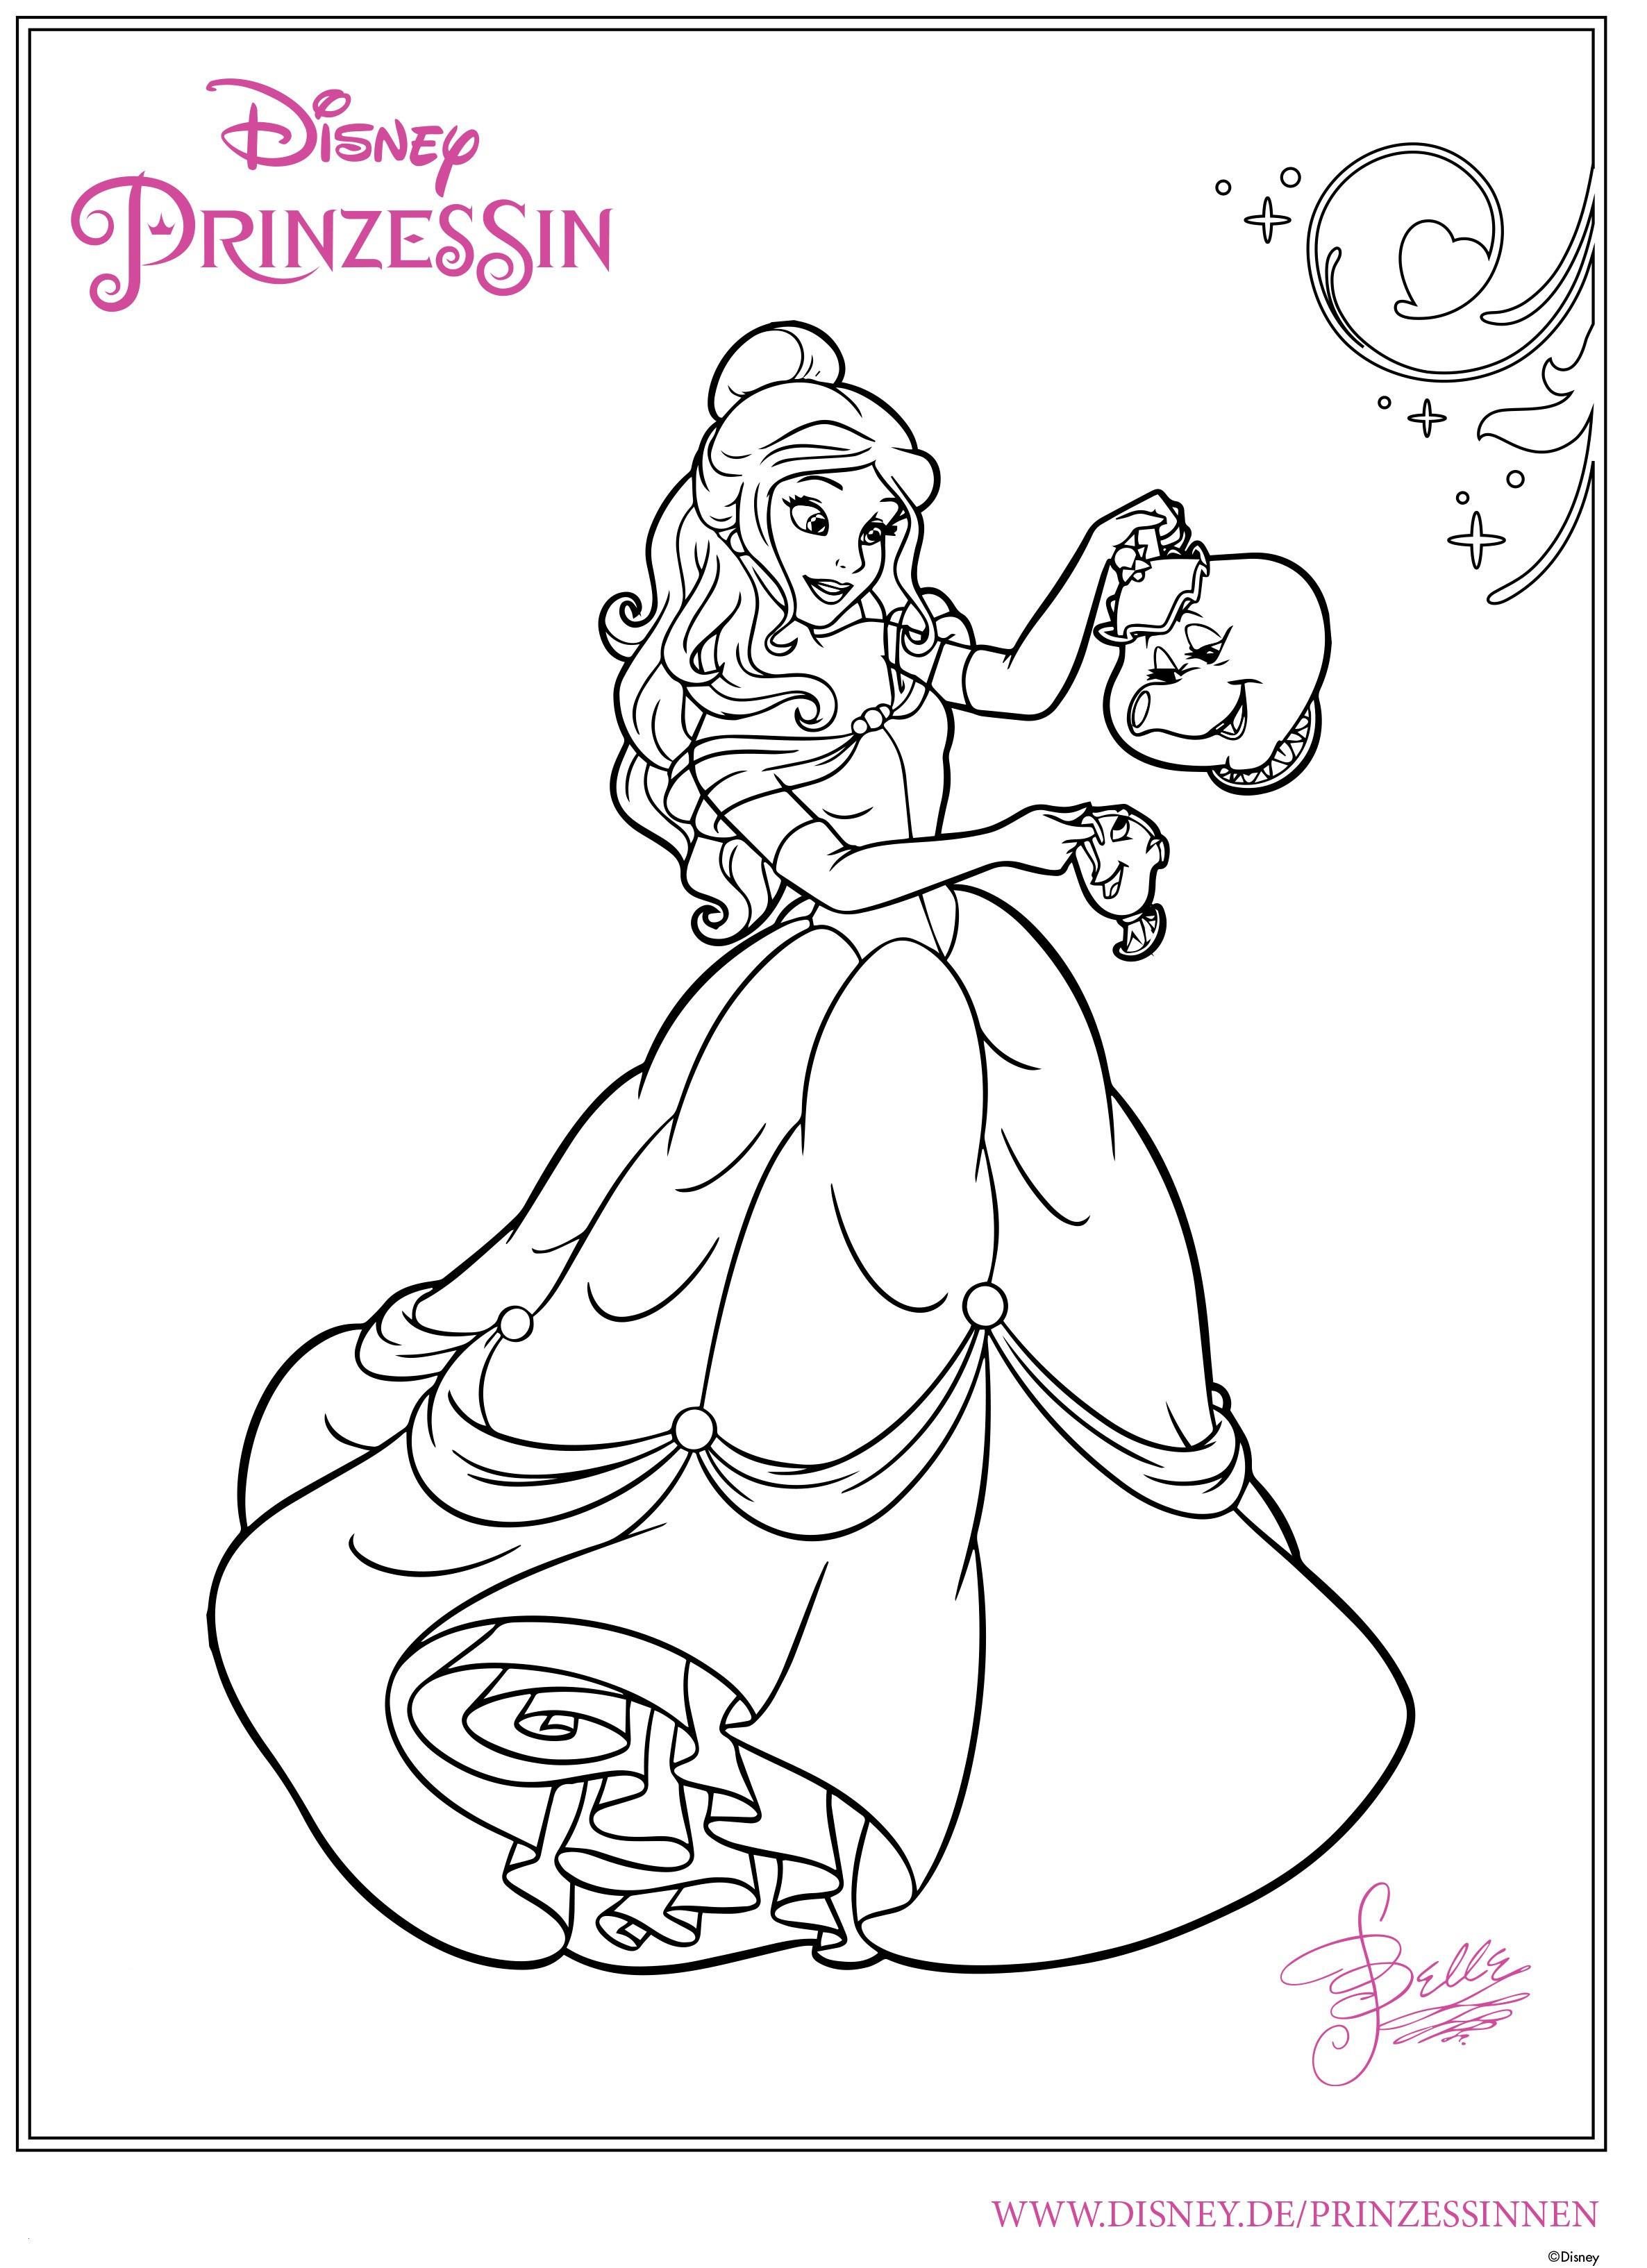 Anspruchsvolle Mandalas Zum Ausdrucken Das Beste Von Princess Mononoke Coloring Pages Best Hair Coloring Pages Awesome Bilder